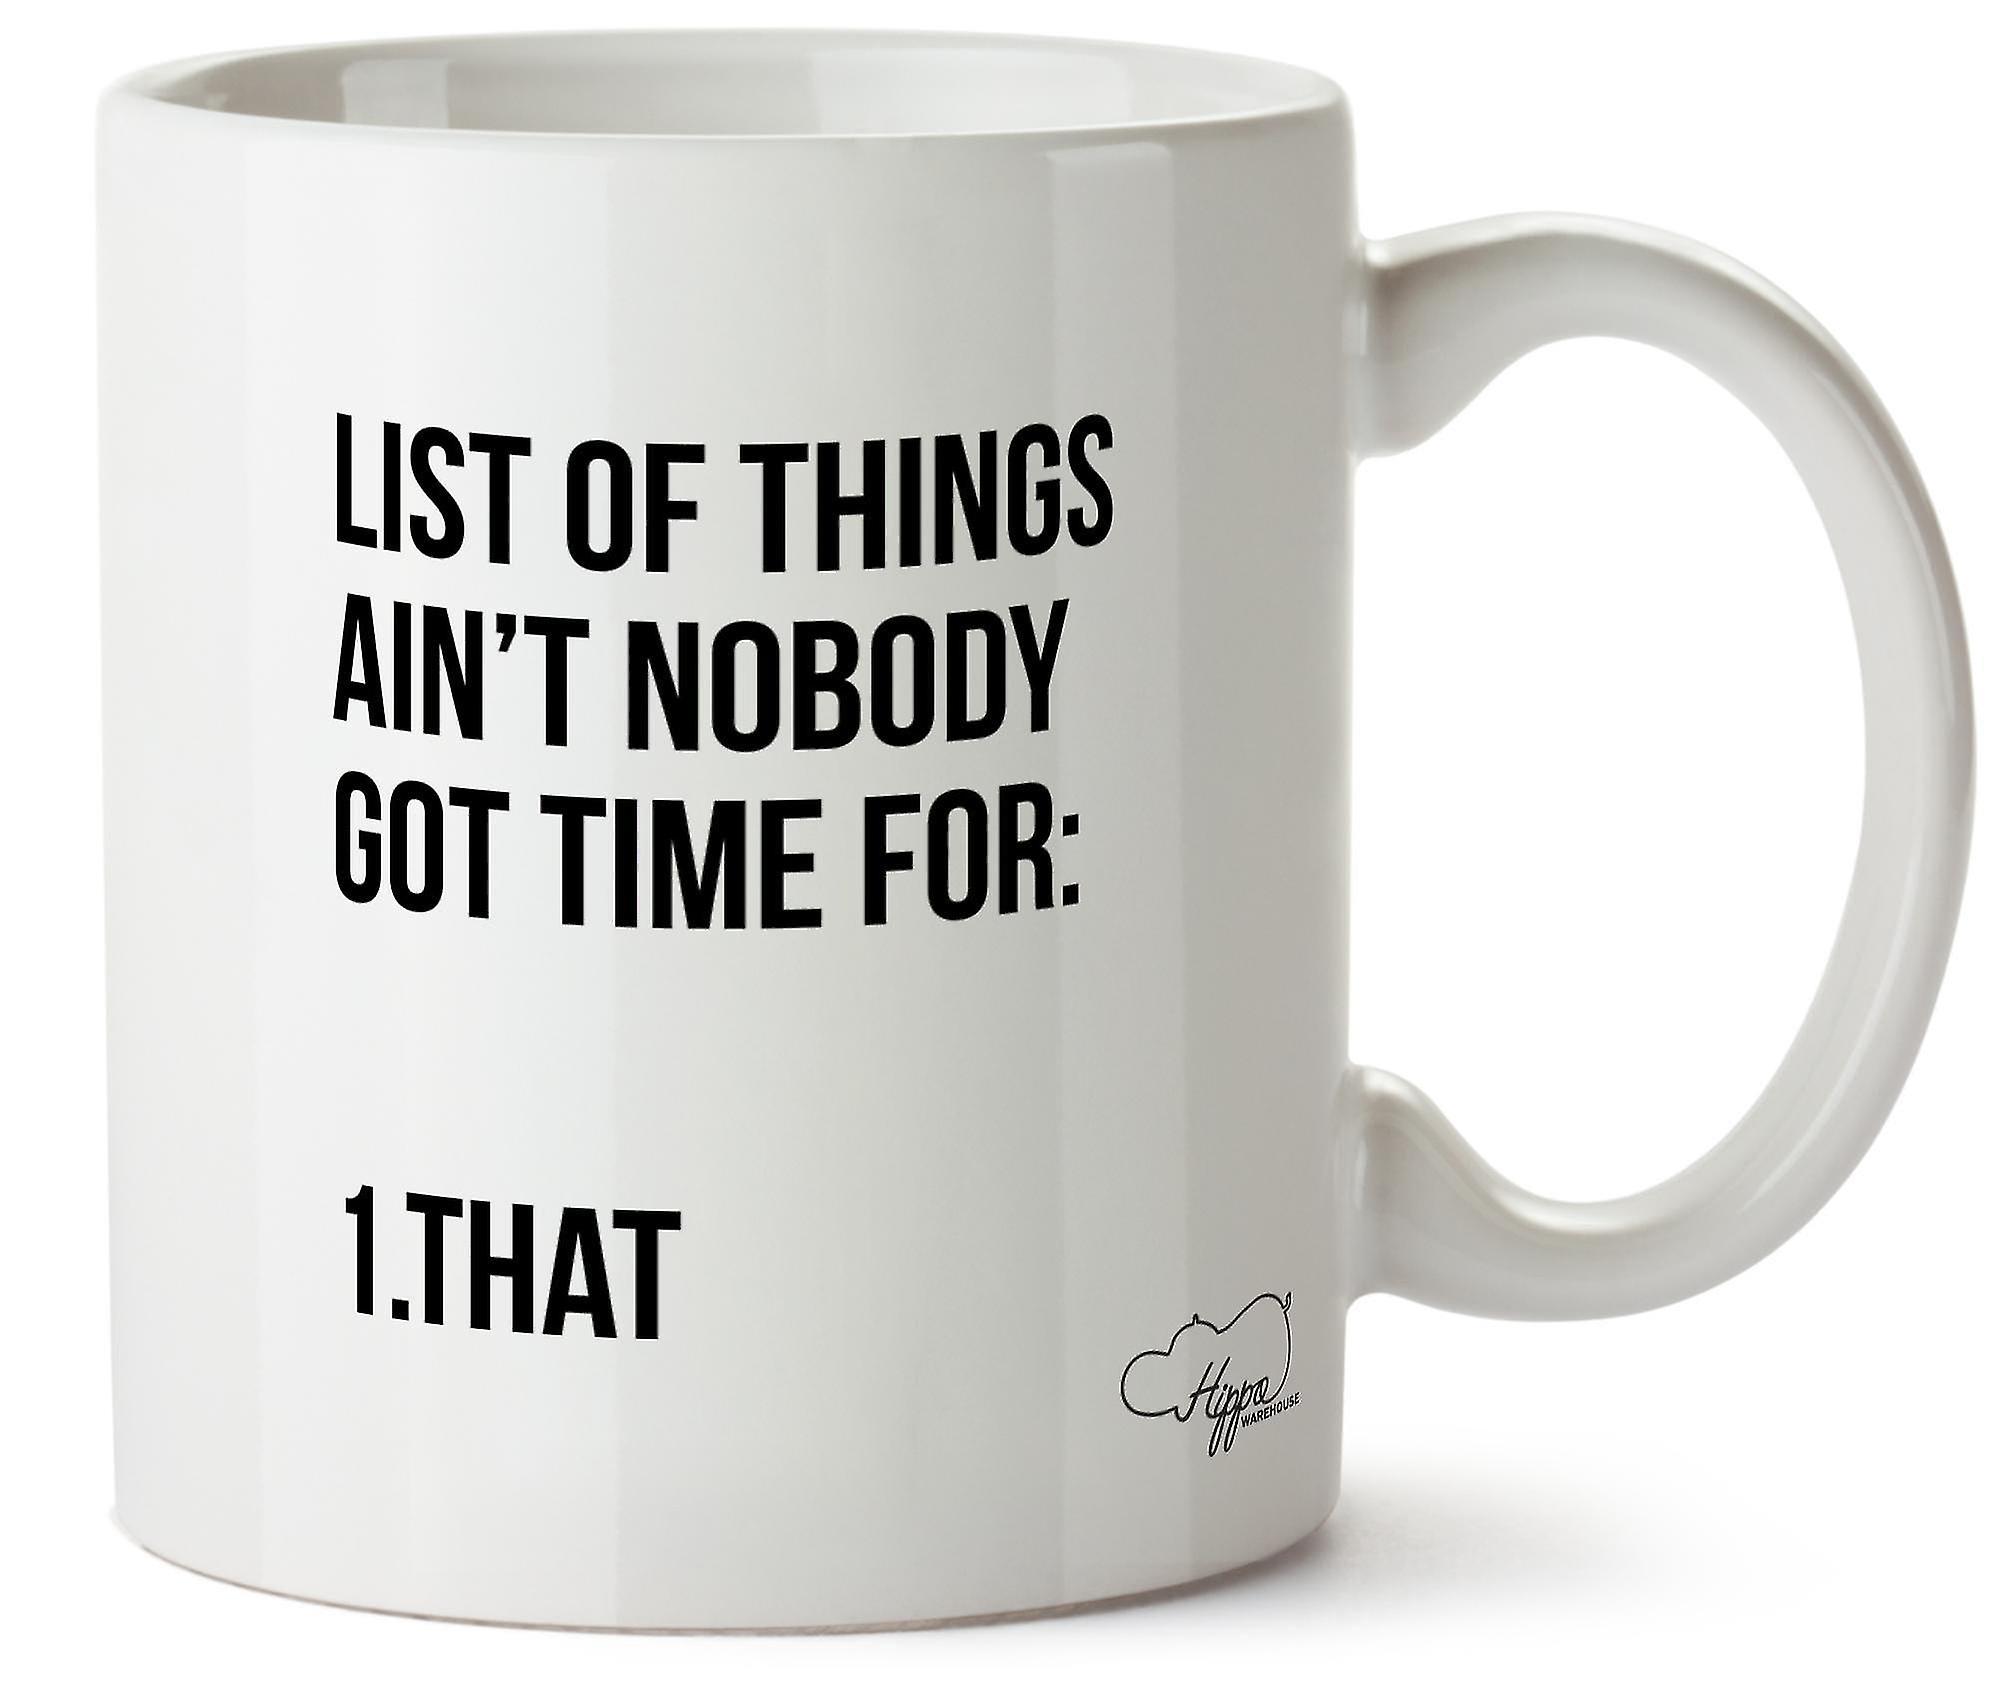 Hippowarehouse список вещей нет, никто не получил время для: 1. что напечатан Кубка керамическая кружка 10oz